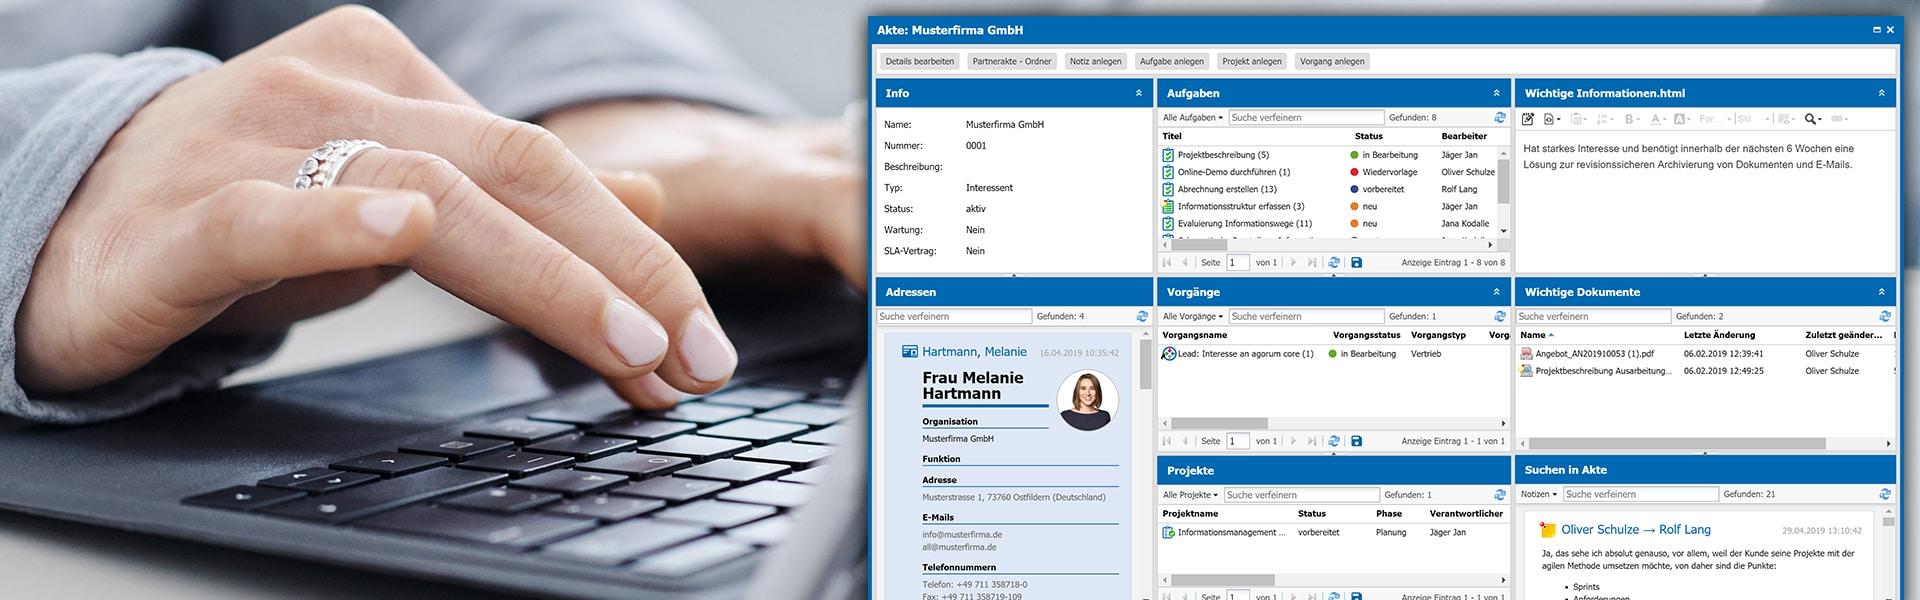 agorum core Kundenmanagement Ueberblick Kontaktdaten Projekte Ansprechpartner Aufgaben